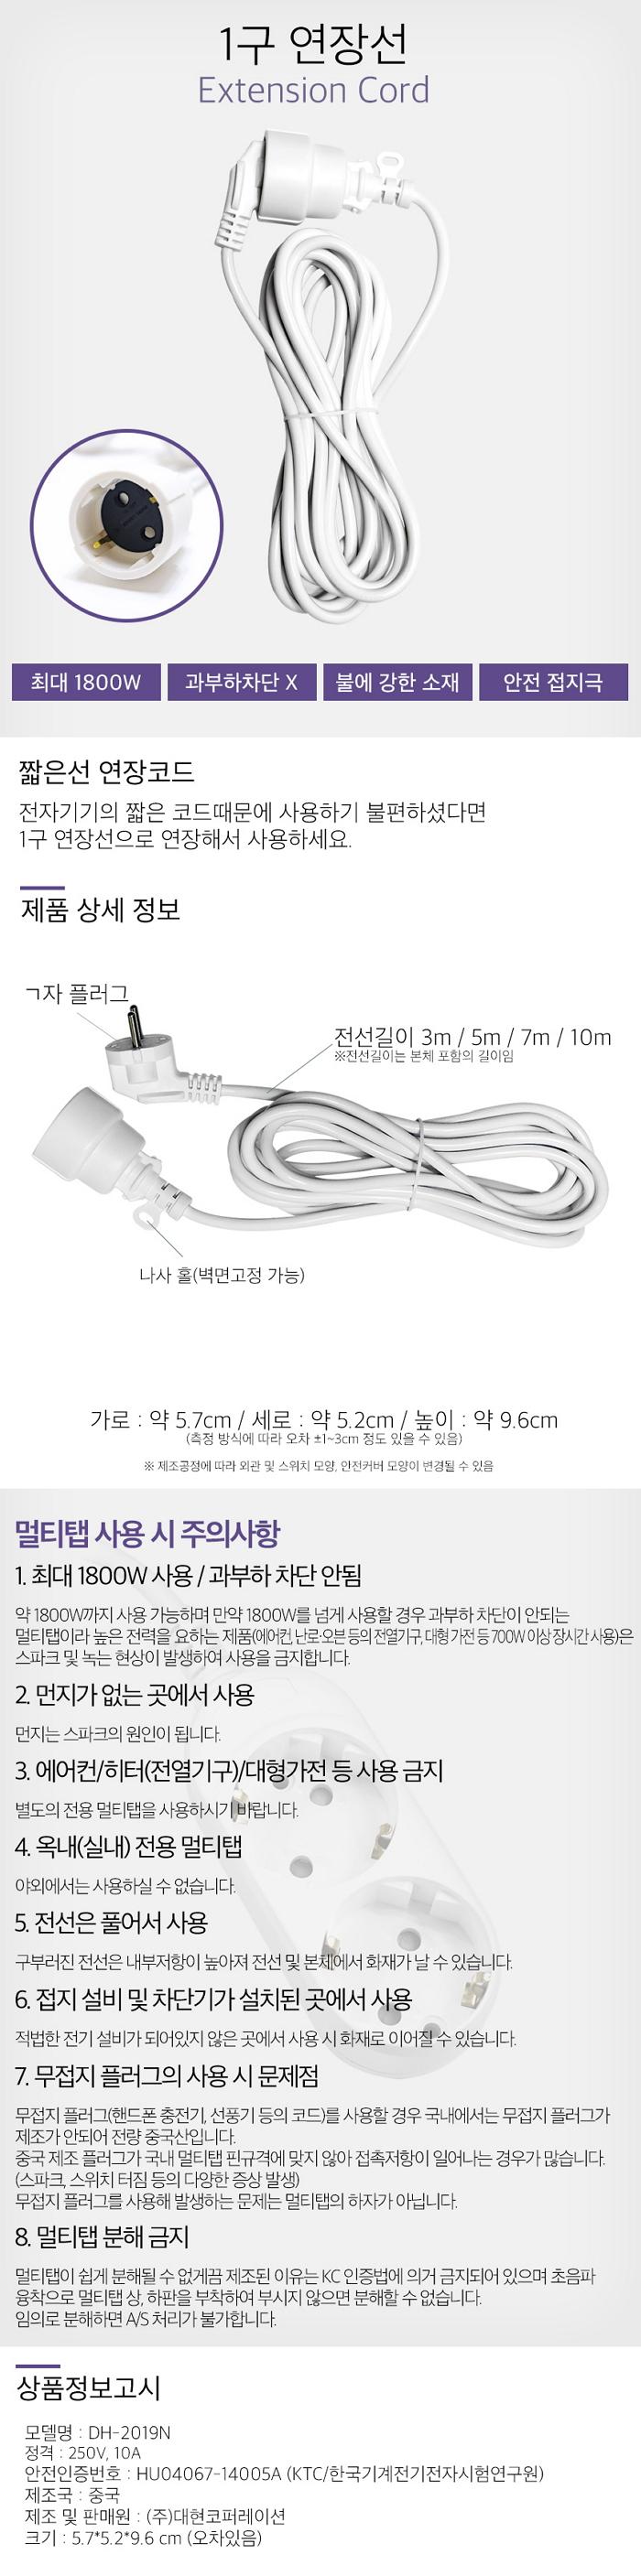 대현코퍼레이션 써지오 1구 멀티탭 연장선(3m)